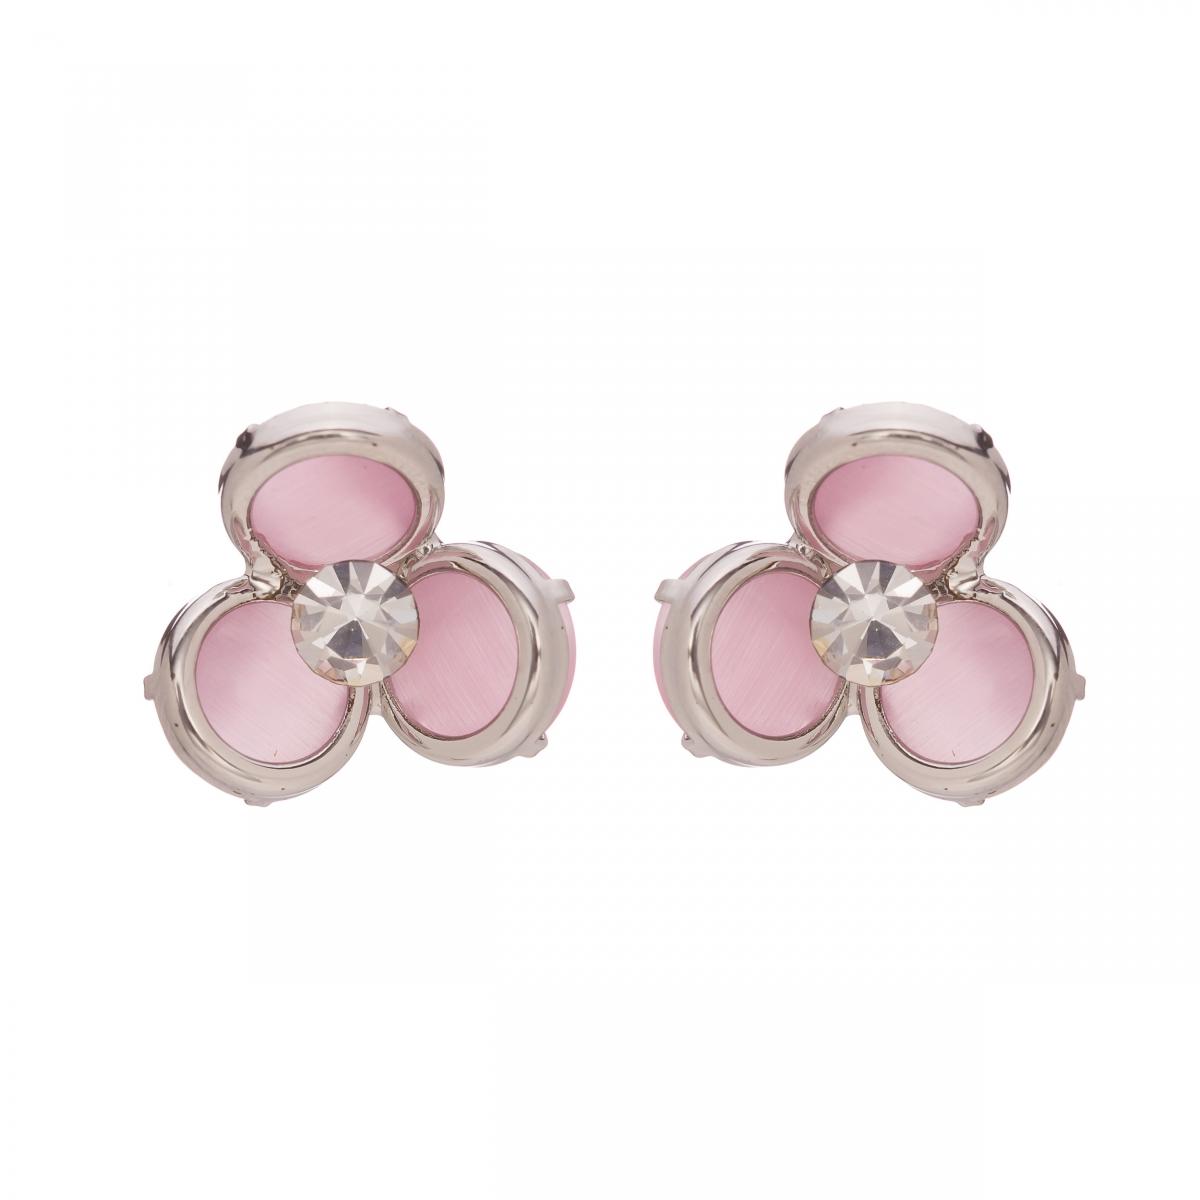 Náušnice Midi Flower Pink Silver Cateye